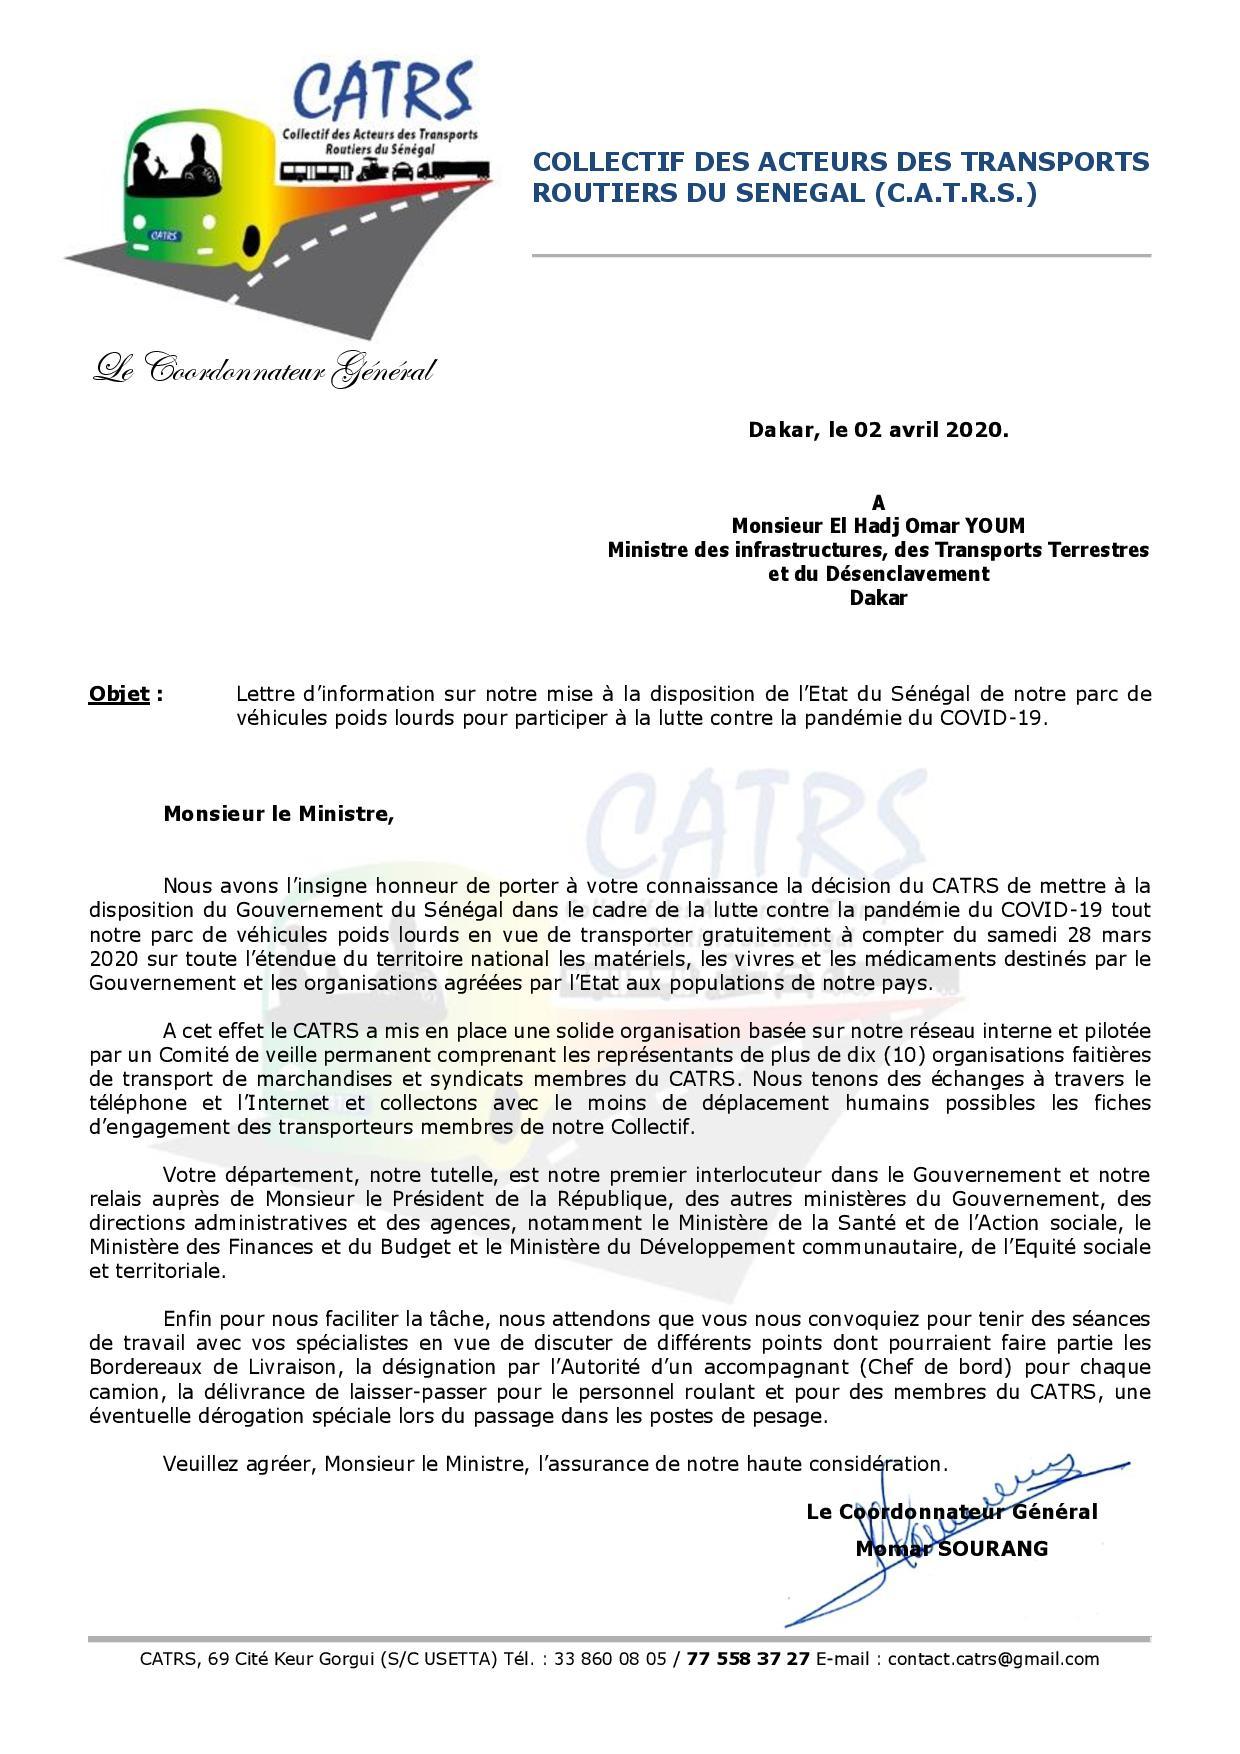 Covid 19- Transport des vivres : L'Etat refuse la gratuité du CATRS et contracte avec le privé à coup de milliards de FCfa